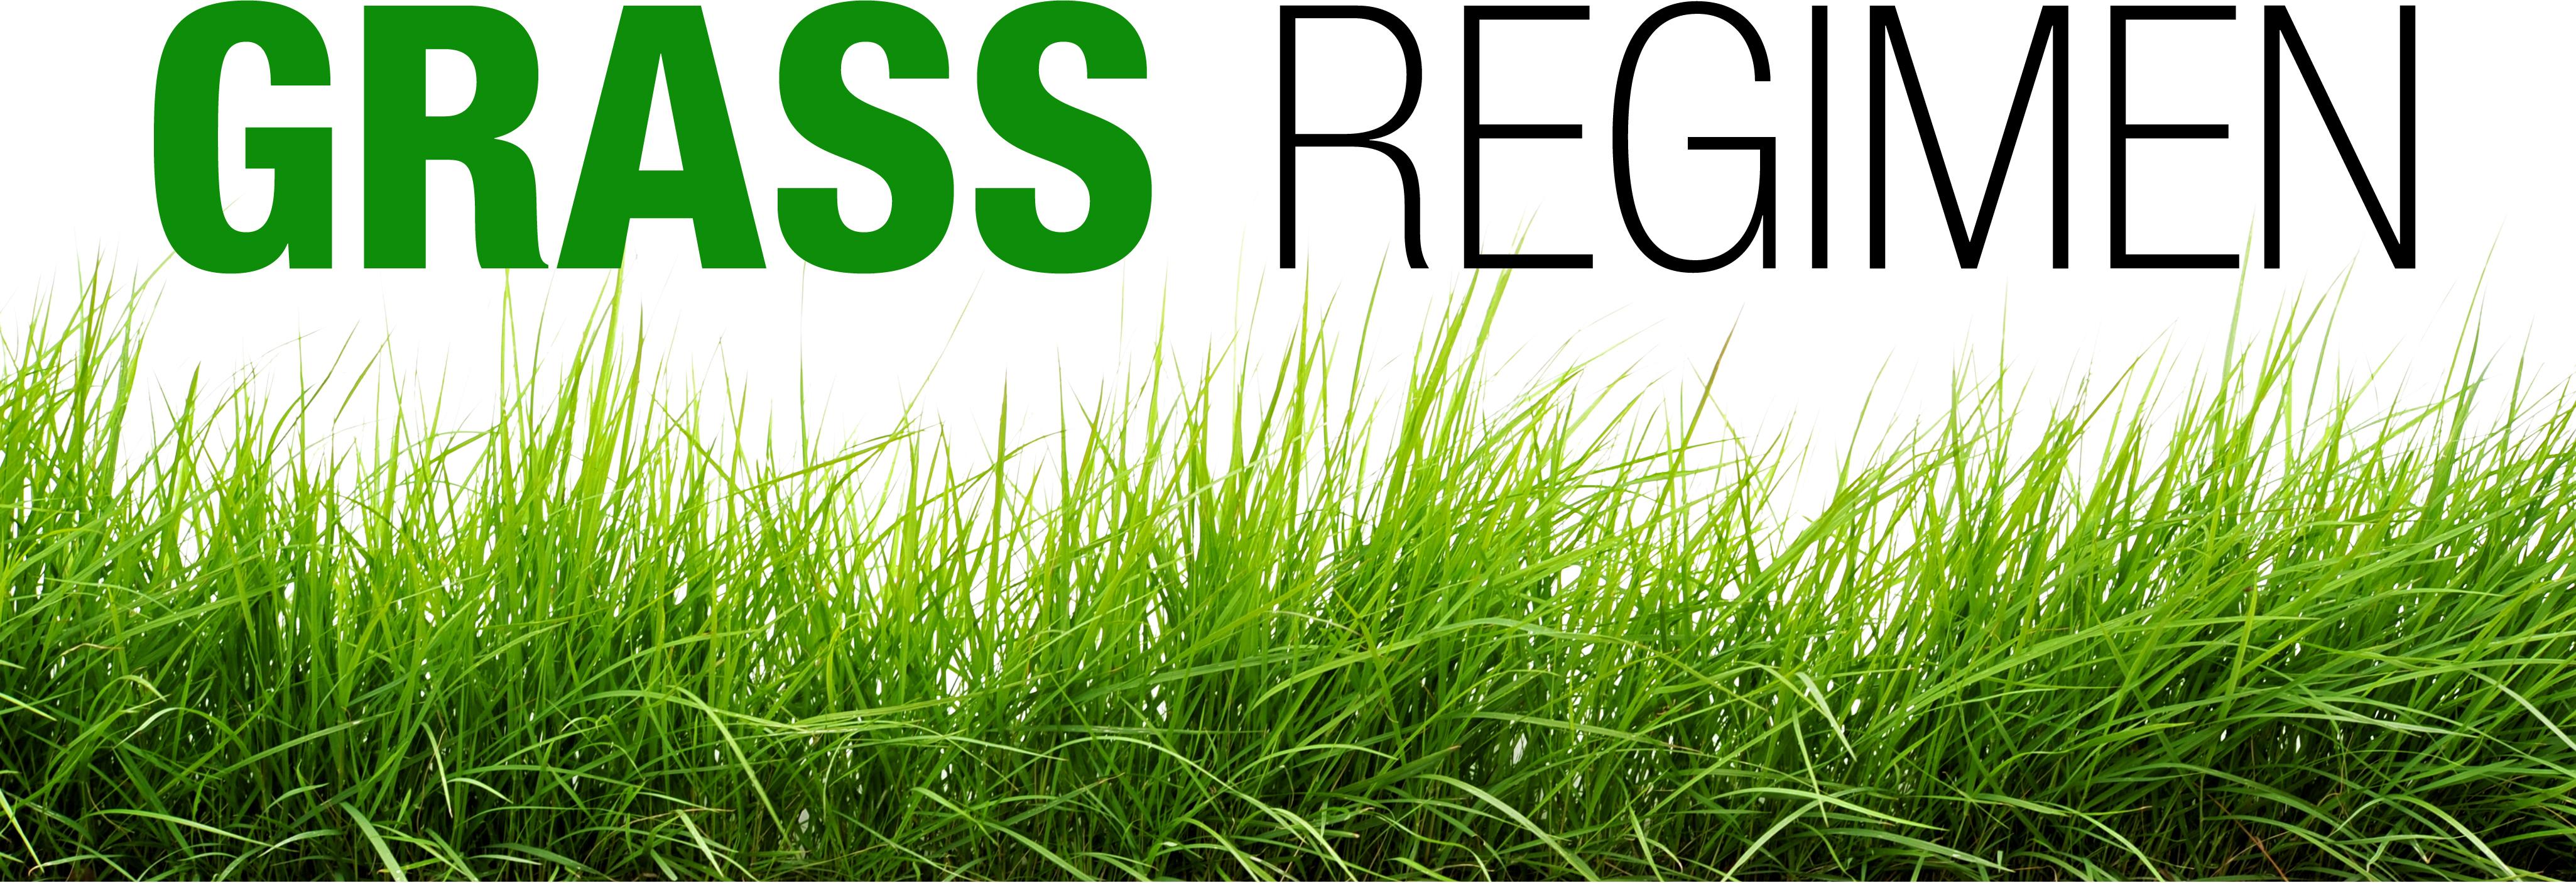 grassheader.jpg